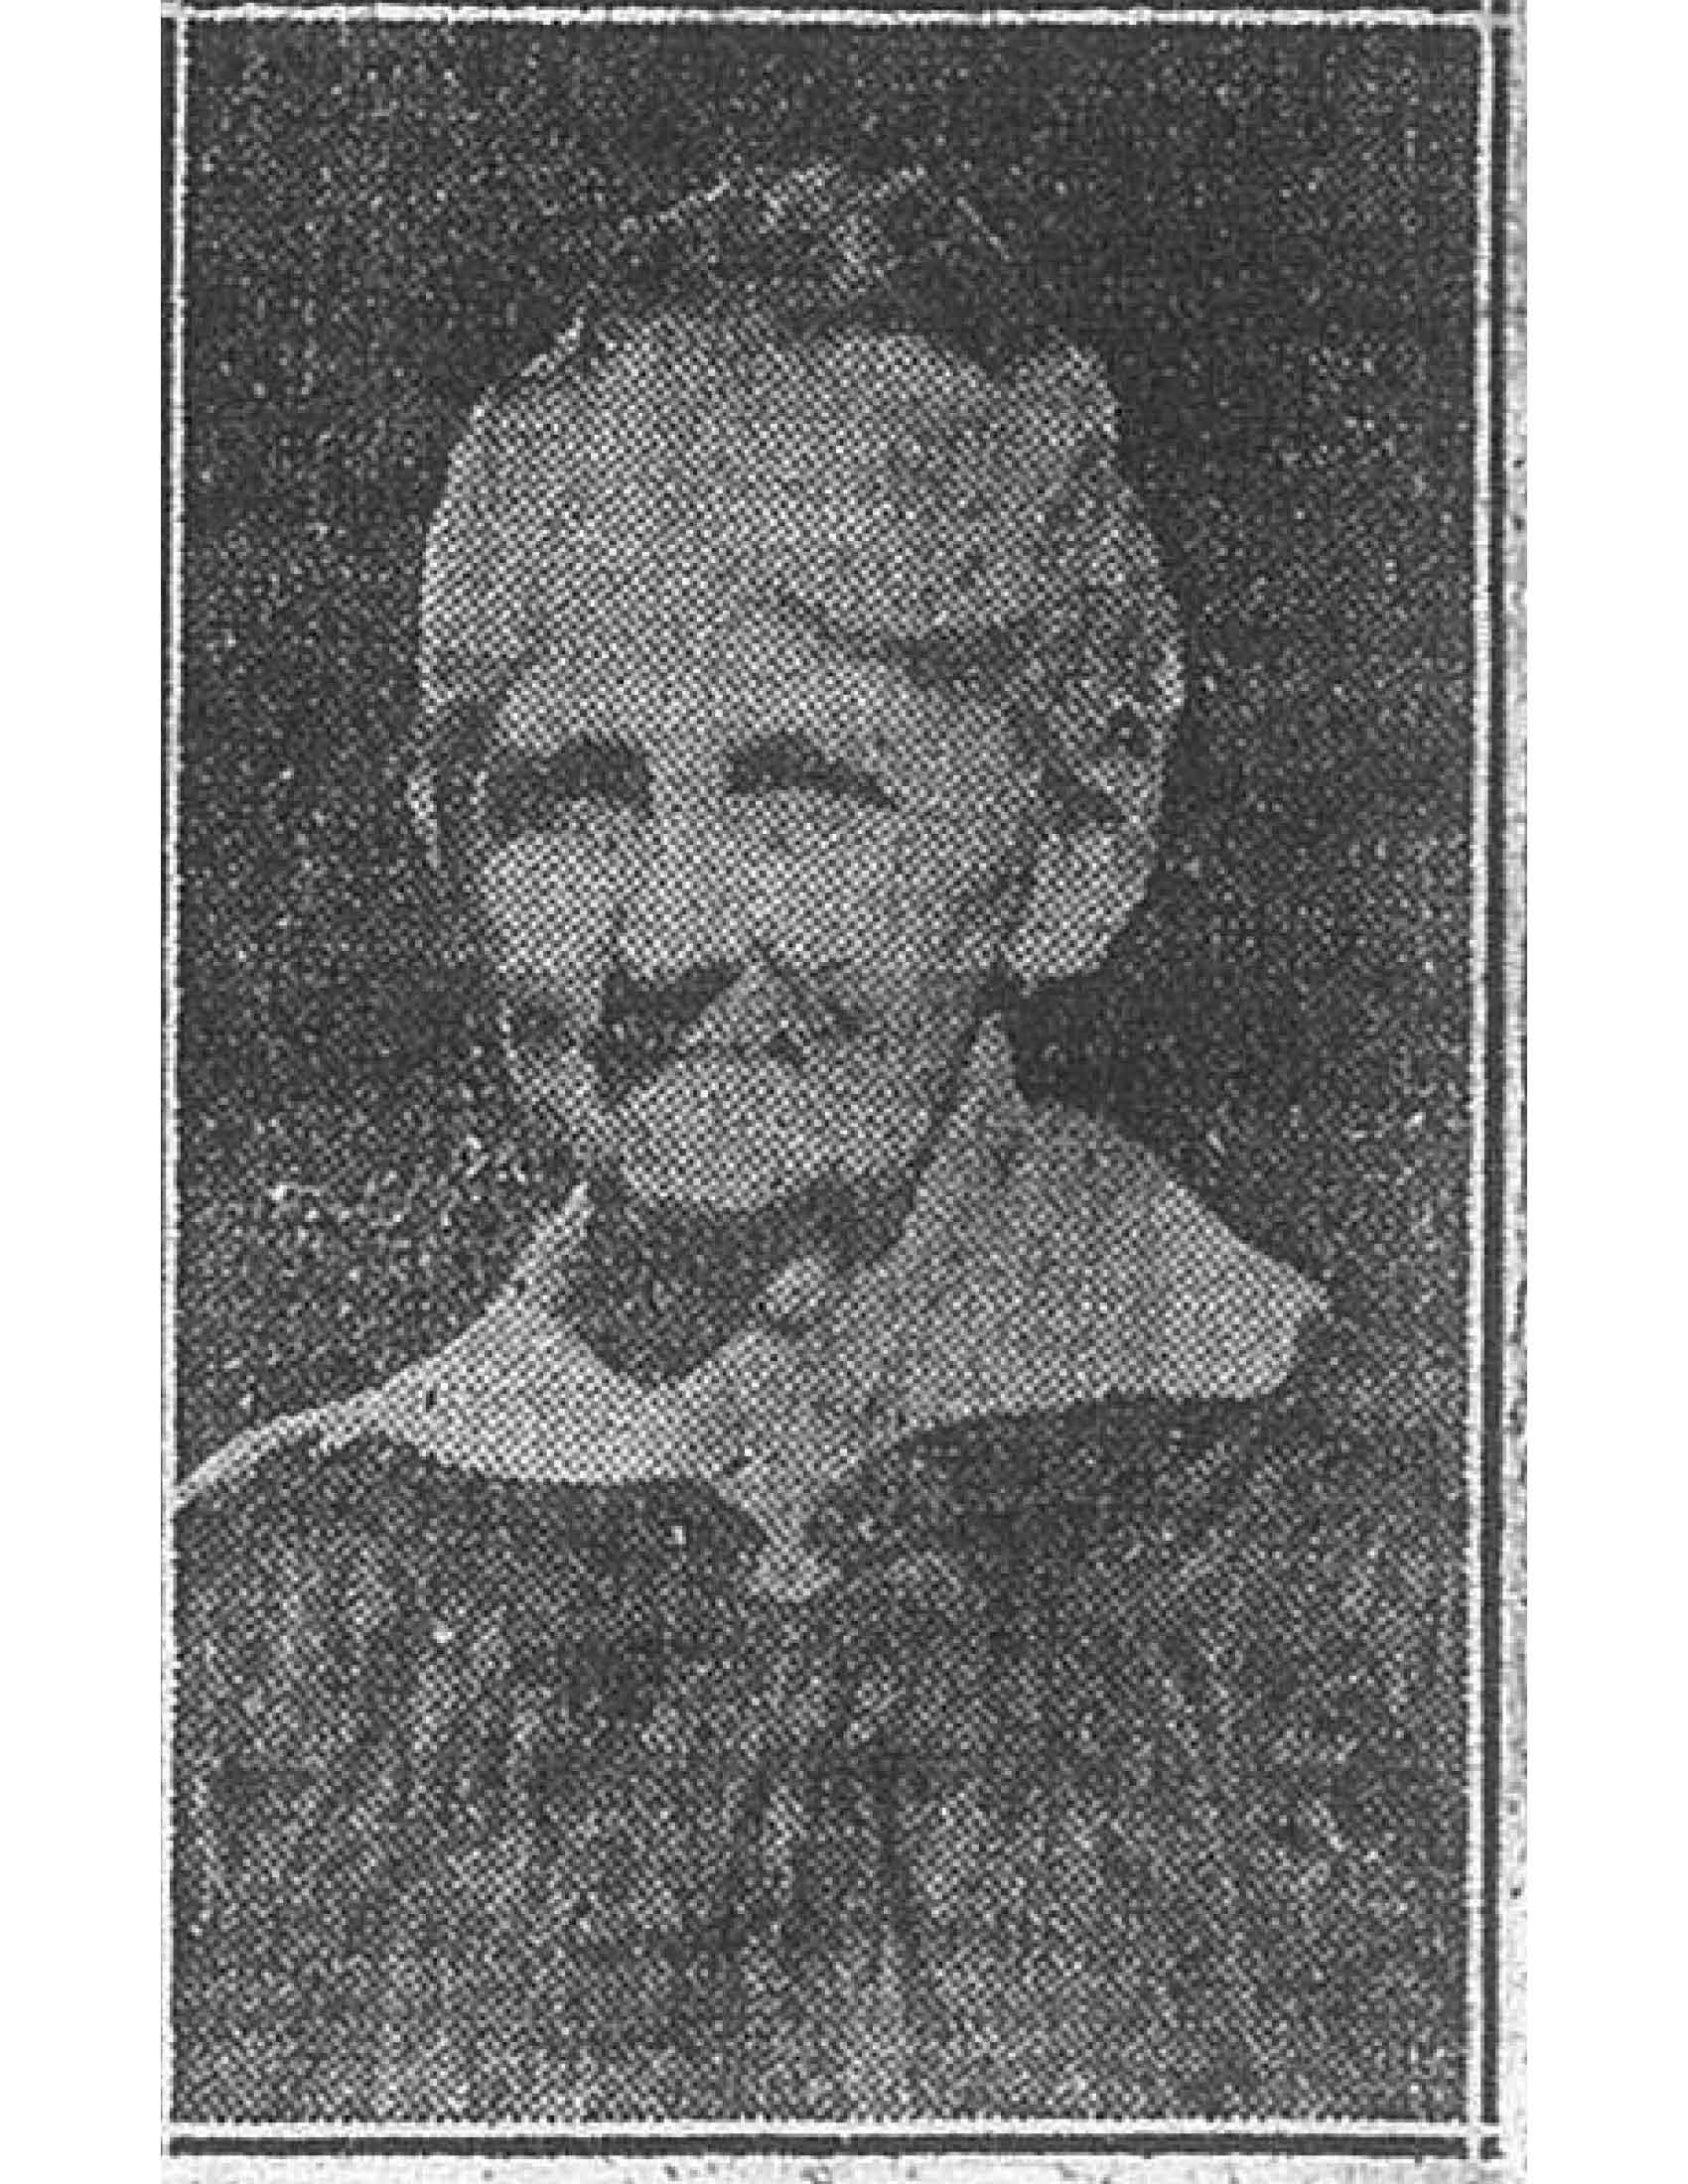 Elizabeth A. Weigel